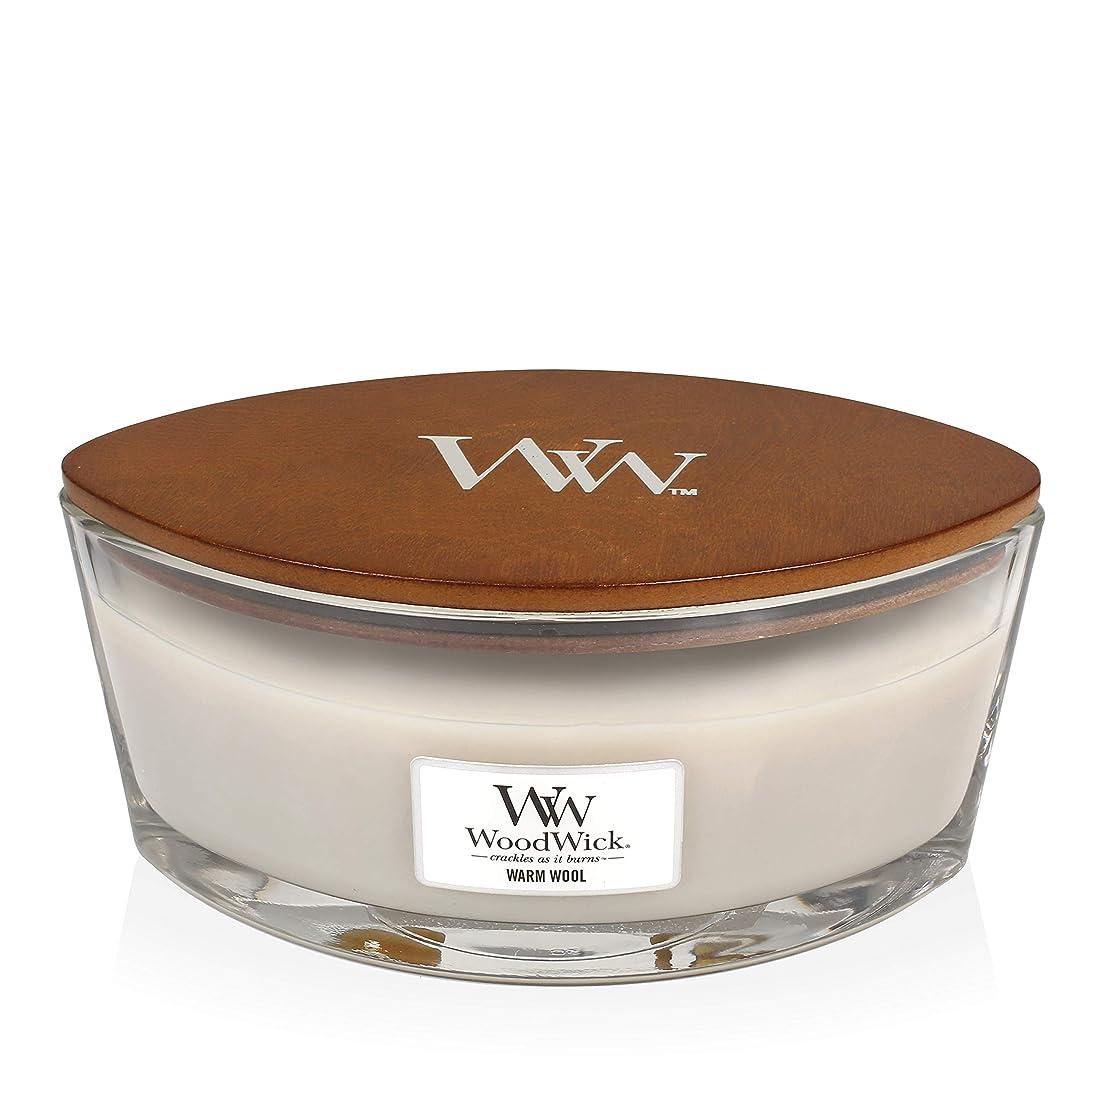 変な風邪をひく専門WoodWick WARM WOOL HearthWick 炎で香るキャンドル